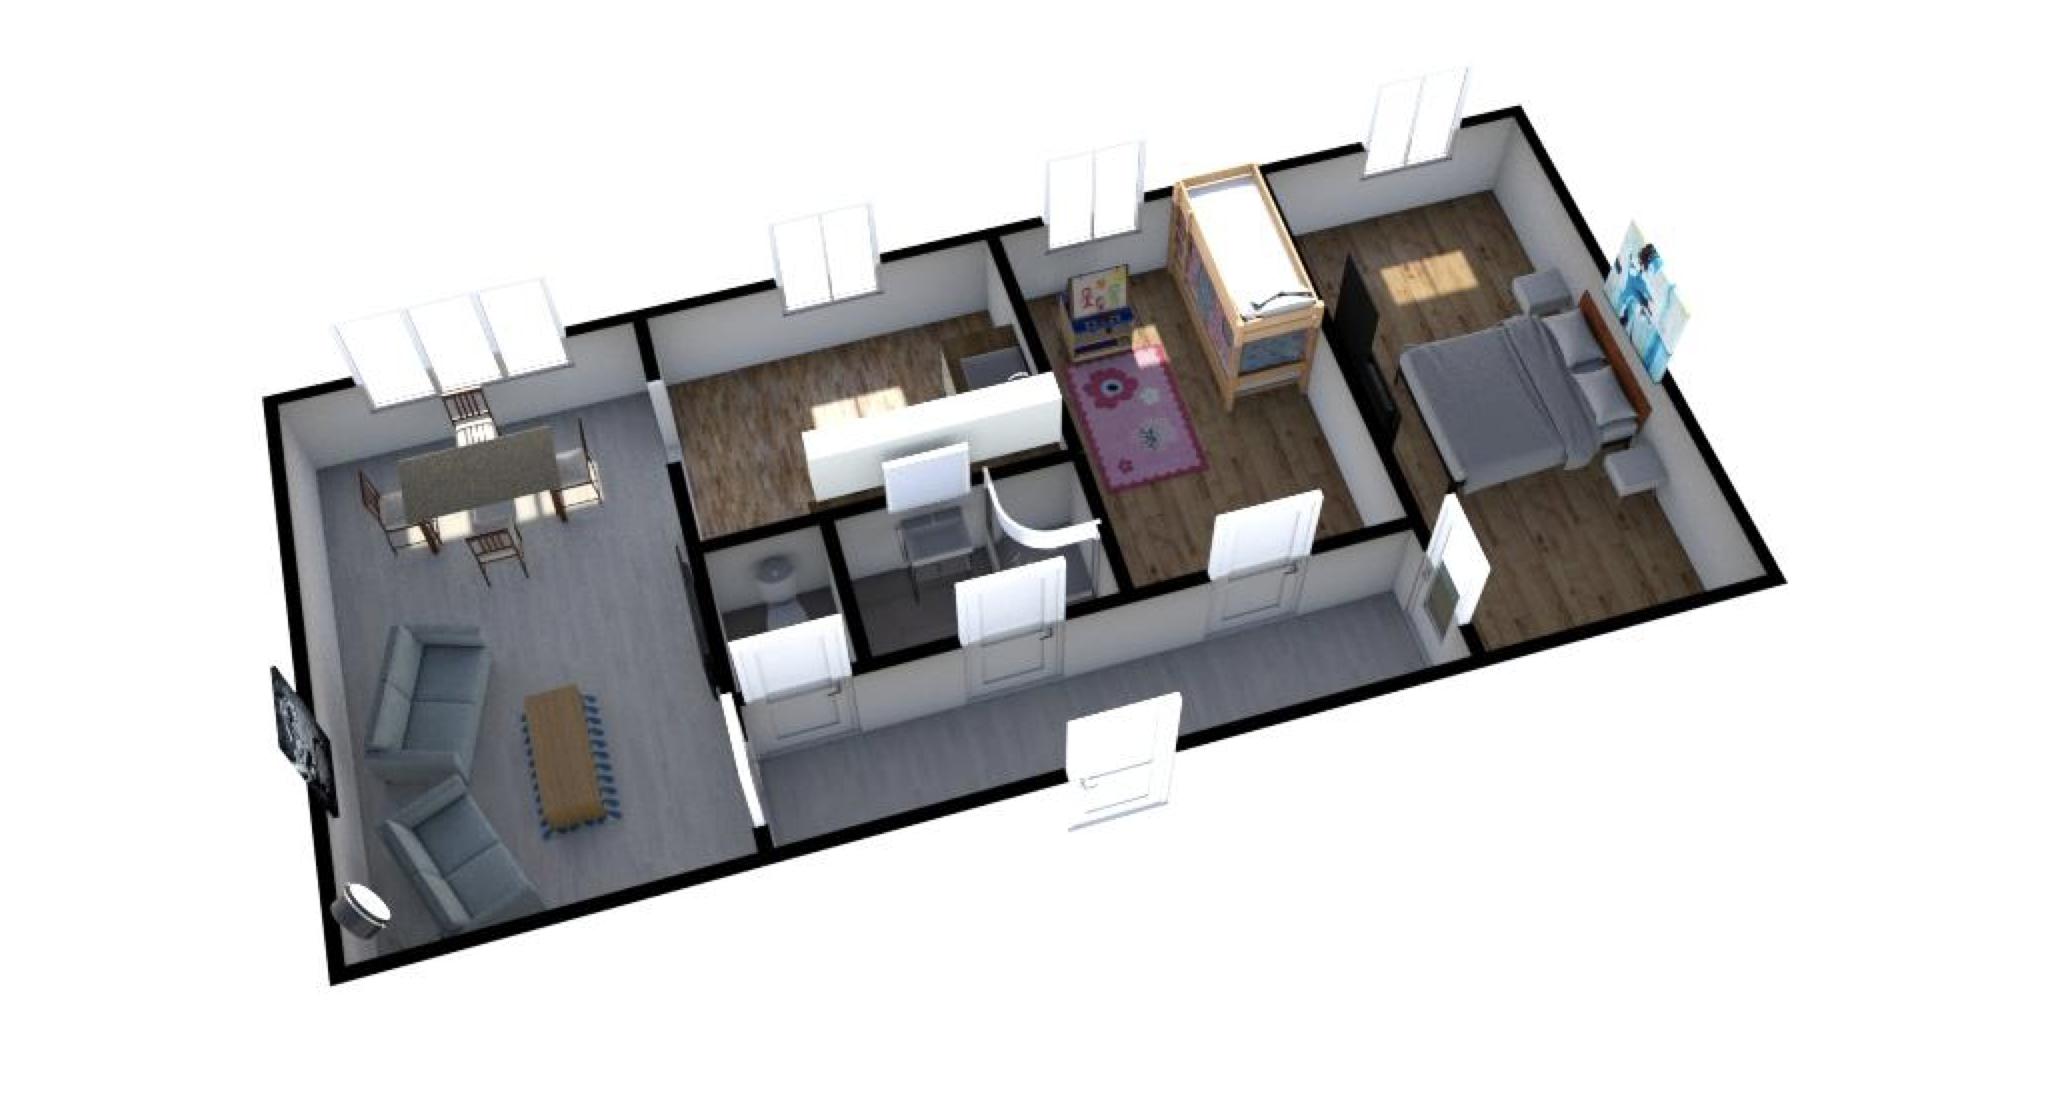 půdorys s horním pohledem na byt 3+1